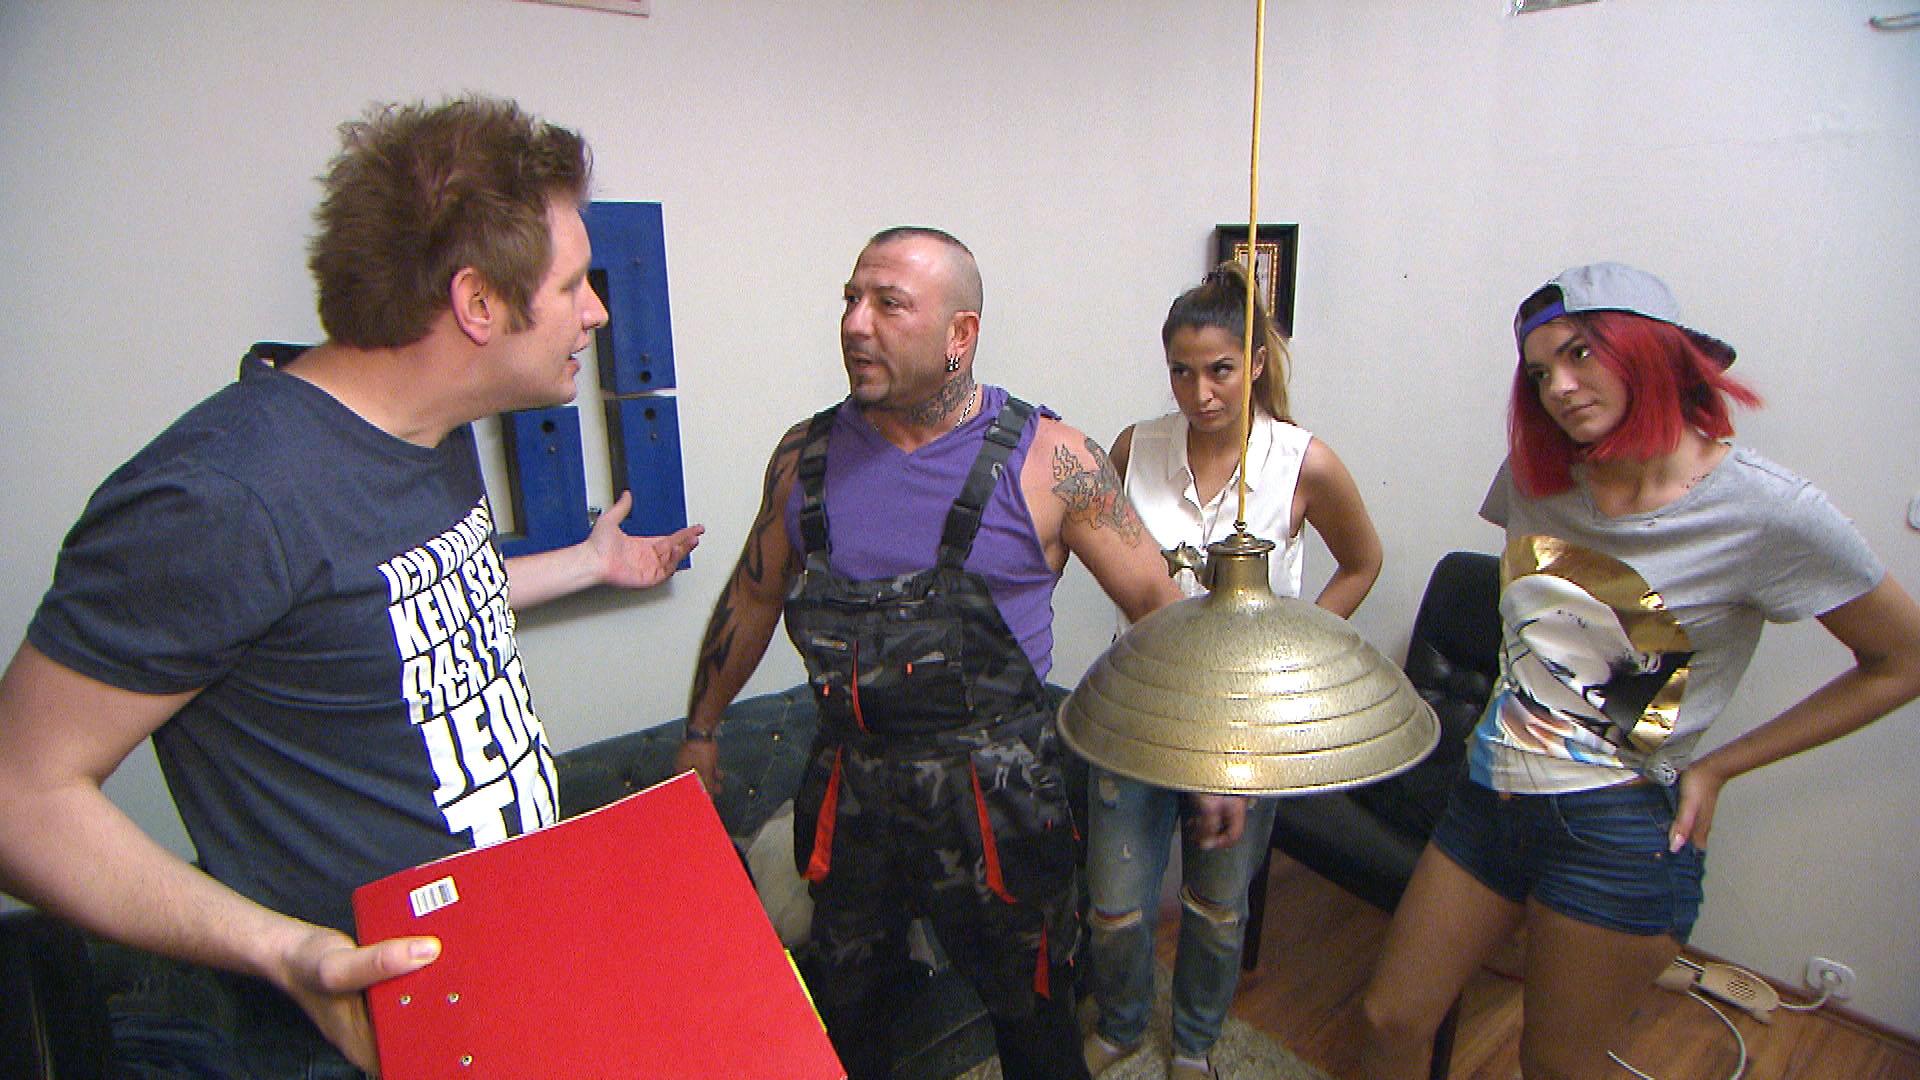 v.l.n.r.: Ole, Fabrizio, Alessia, Jessica (Quelle: RTL 2)